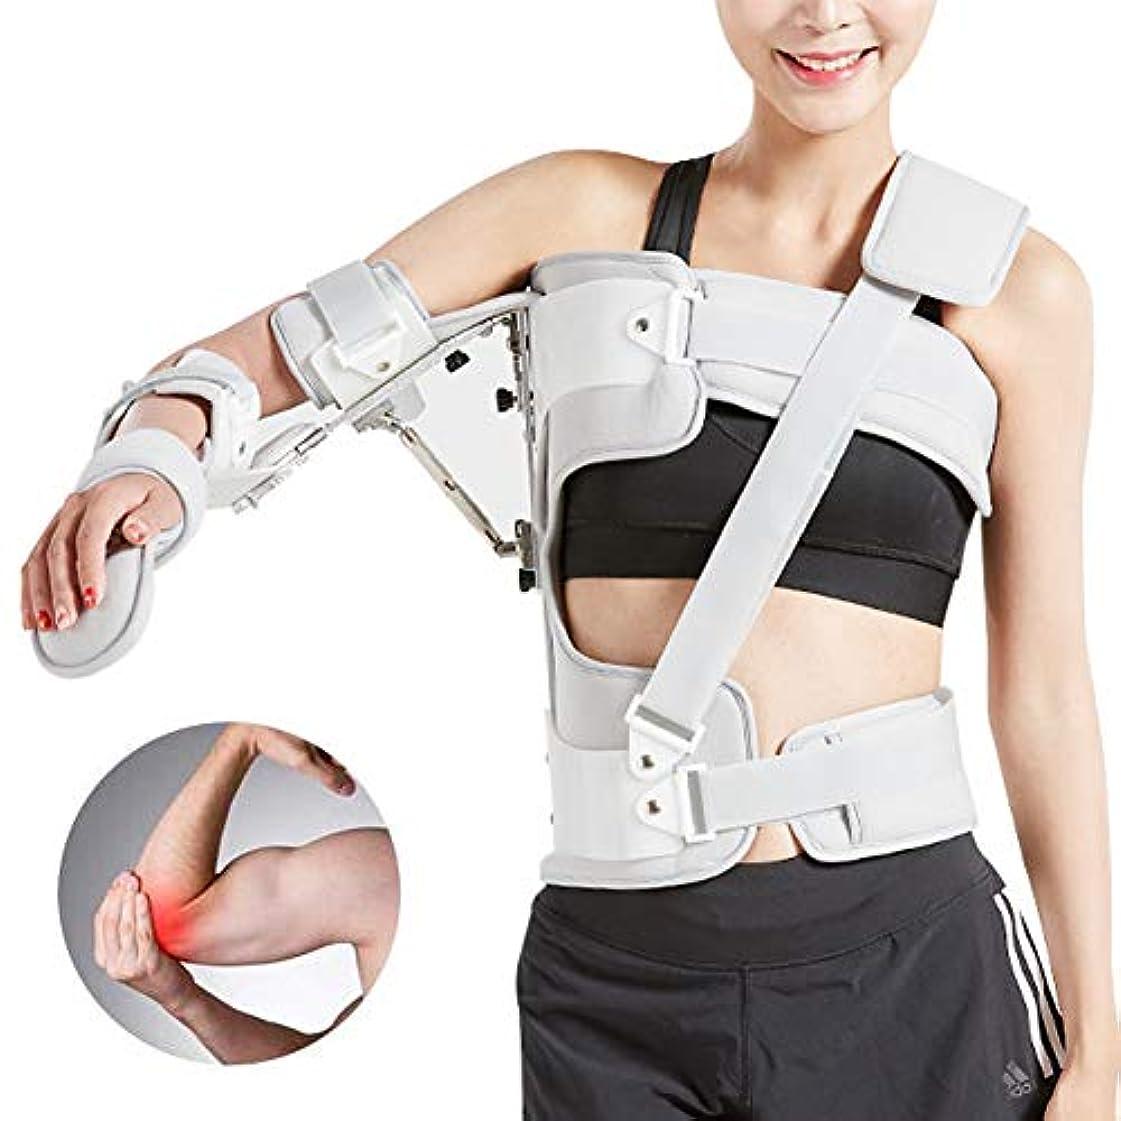 スマッシュ復活する色調節可能なアームスリング外転枕骨折肘サポートブレース、傷害回復アーム固定、転位回旋腱板滑液包炎腱炎、ワンサイズ - ユニセックス